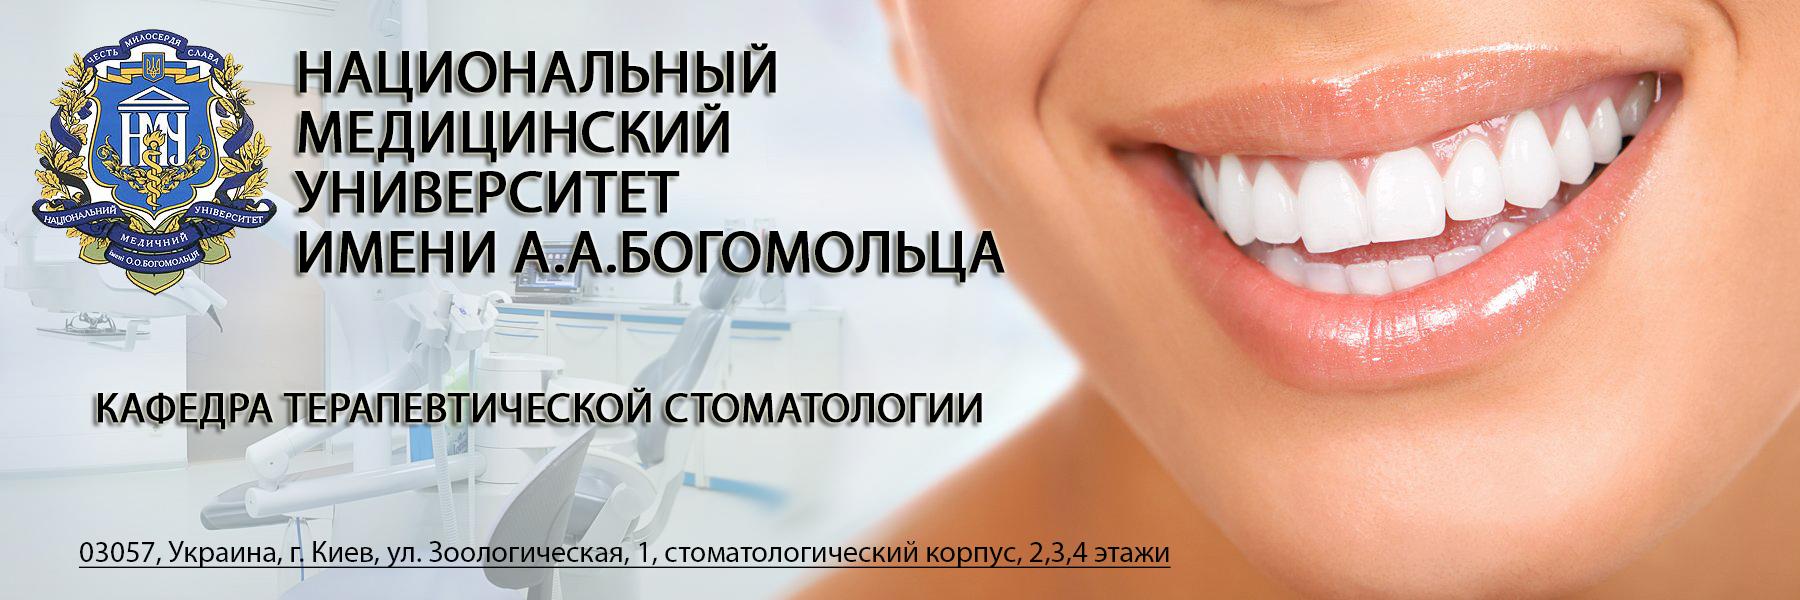 Кафедра терапевтической стоматологии НМУ имени А.А. Богомольця